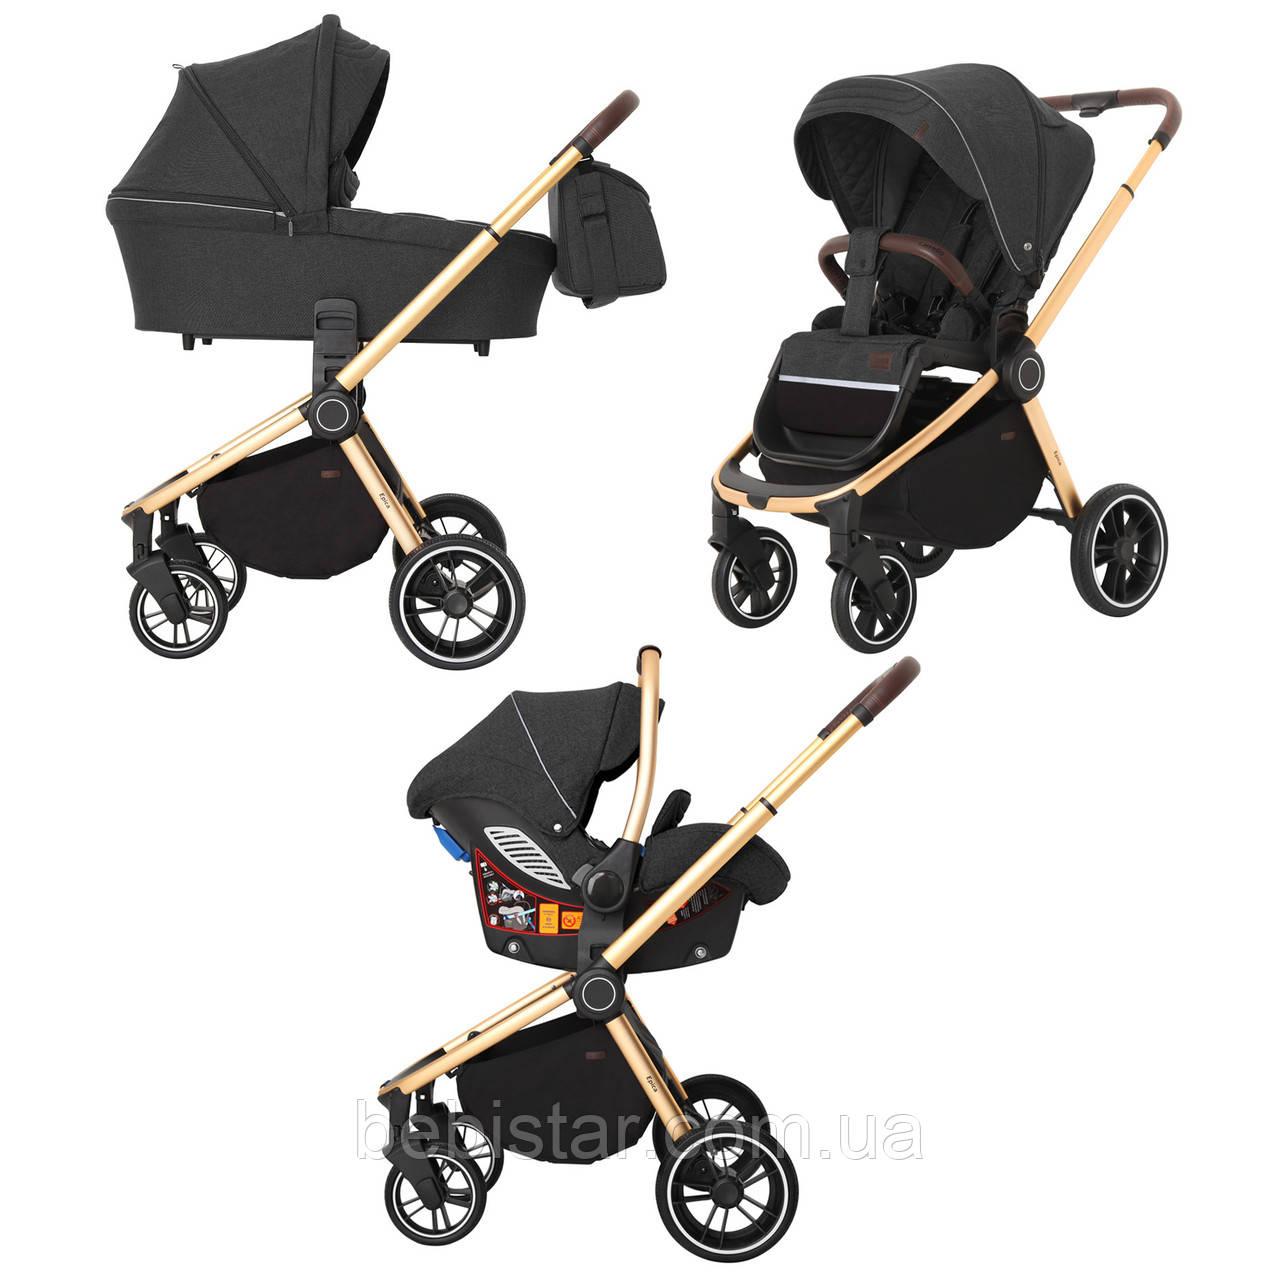 Универсальная детская коляска Carrello Epica 3в1 автокресло золотая рама люлька сумка дождевик москитная сетка